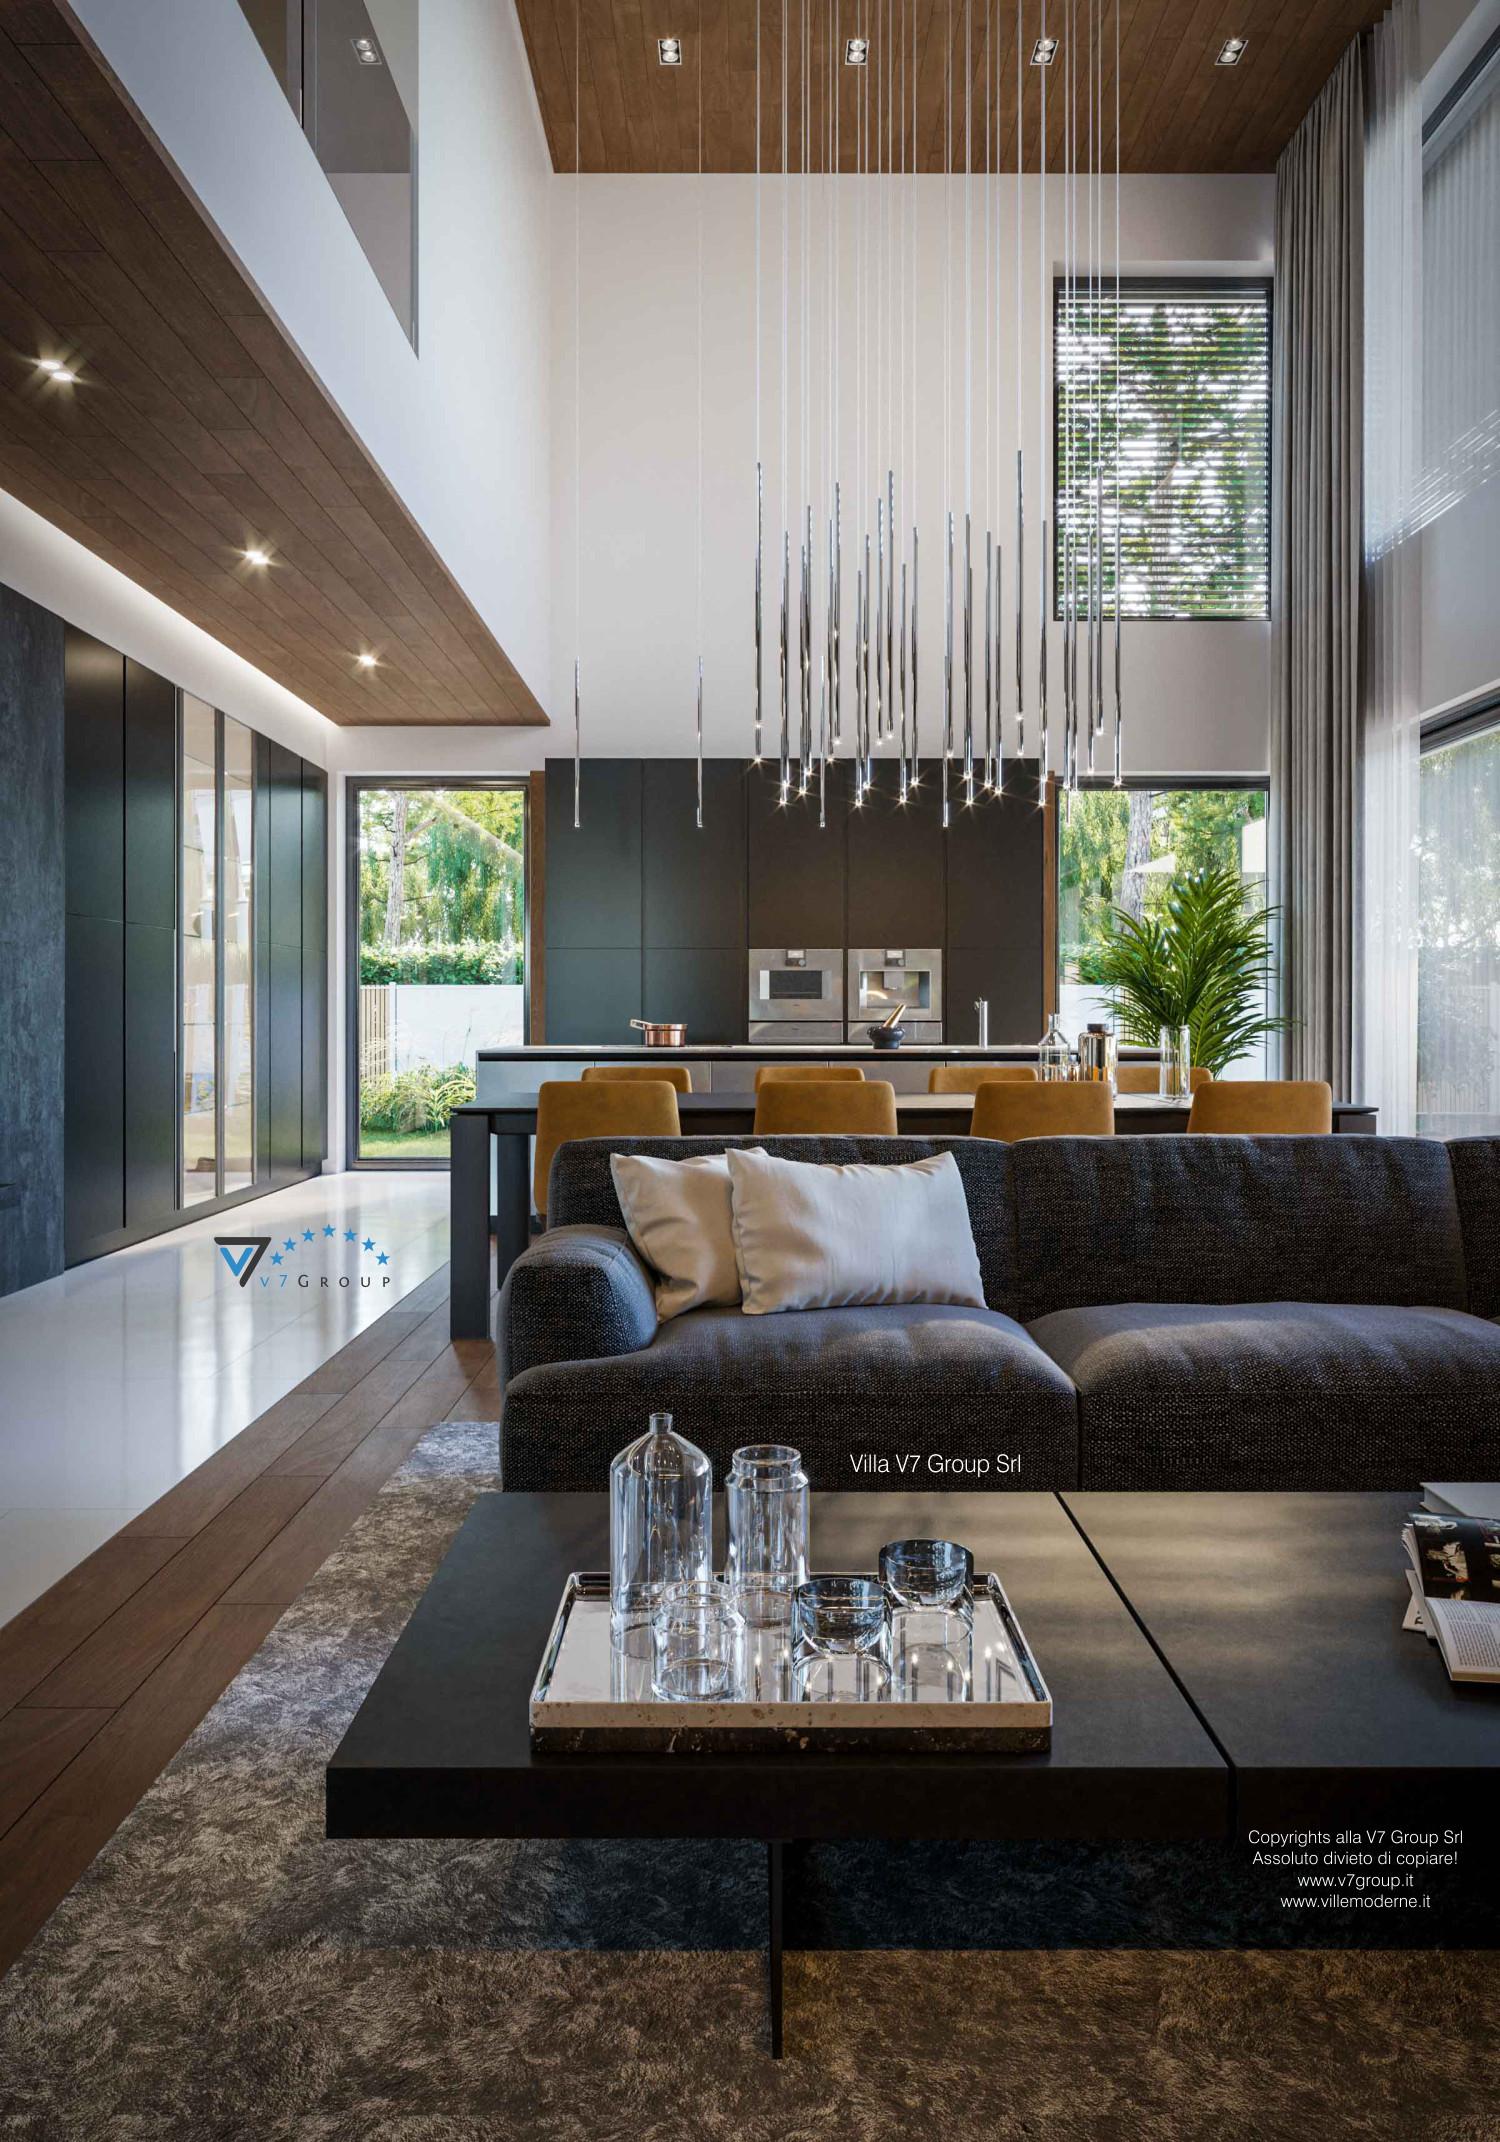 Immagine Villa V74 - interno 2 - soggiorno in dettaglio